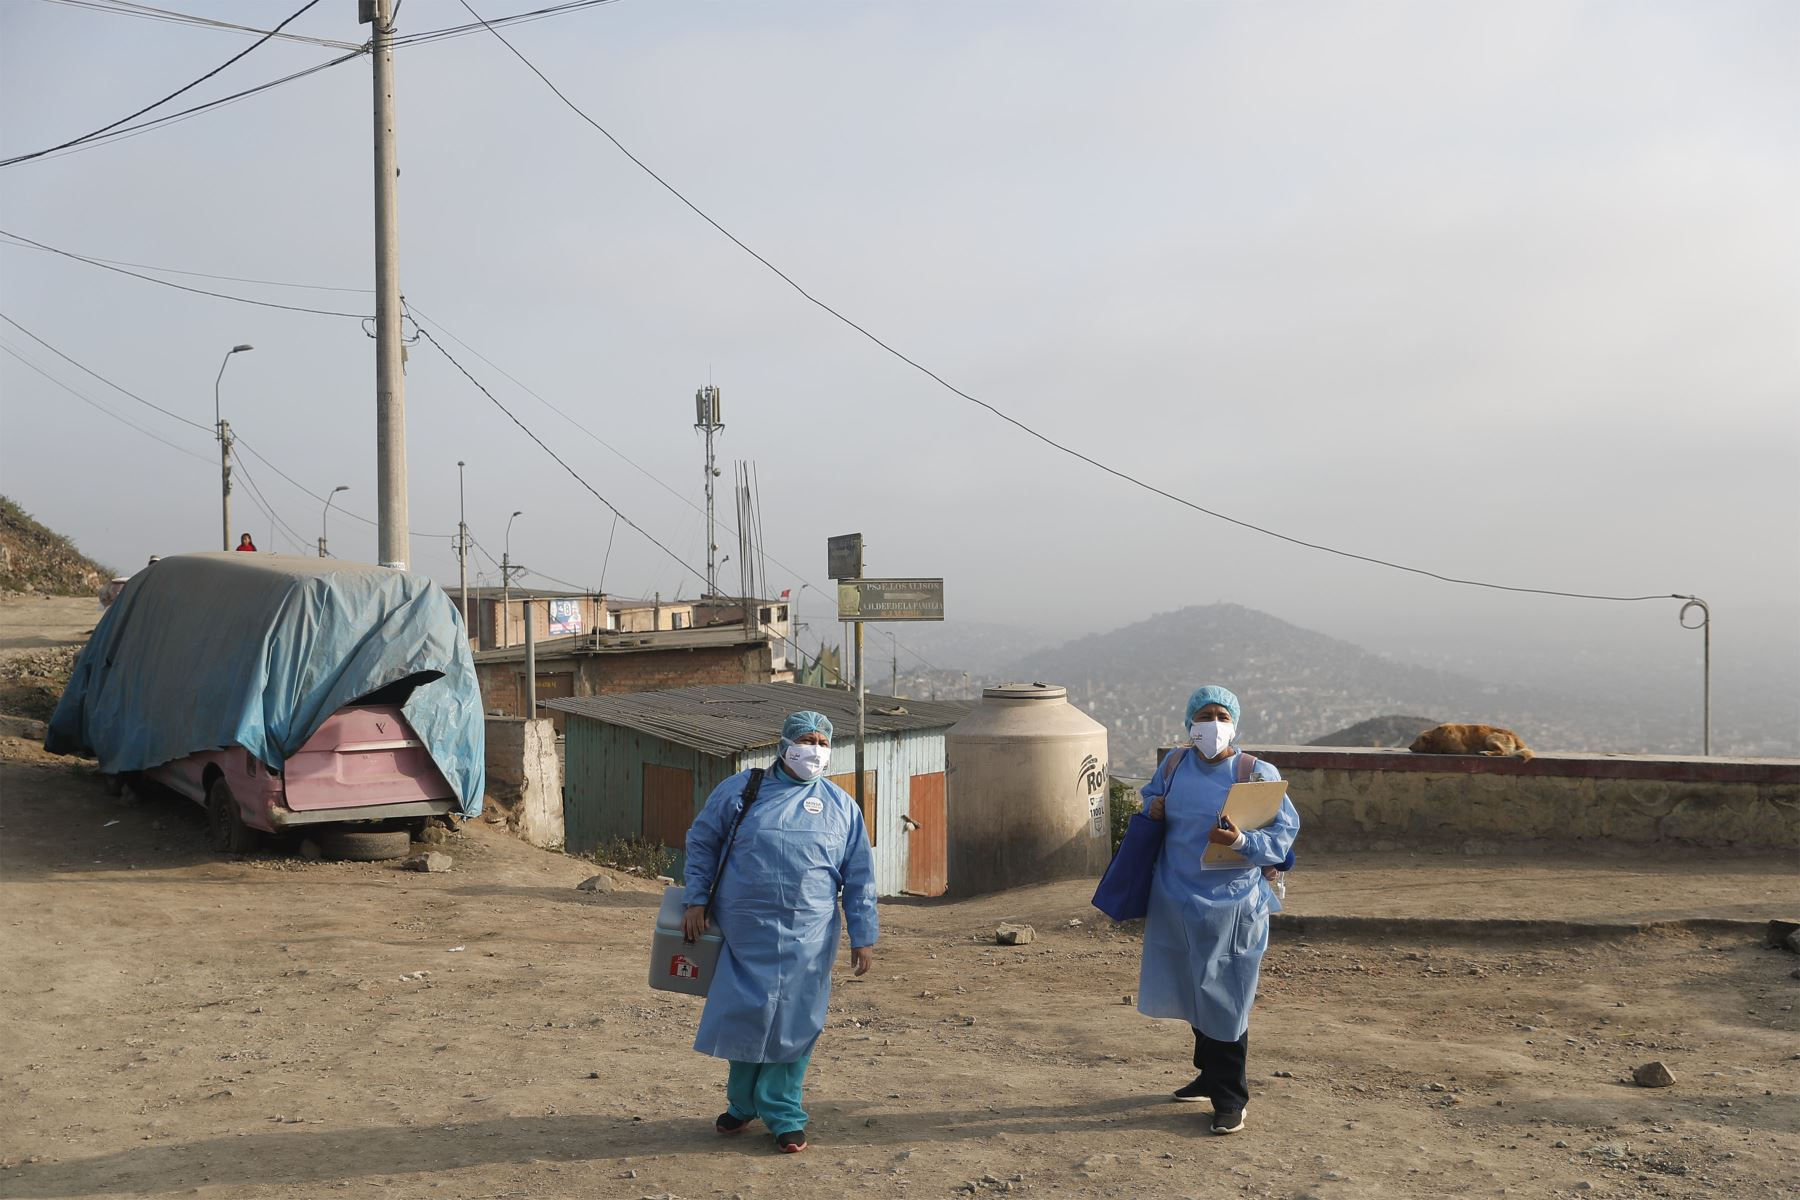 Brigadas de la DIRIS Lima Sur del Minsa continúan desarrollando la estrategia de vacunación contra la covid-19 bajo la modalidad casa por casa. Esta vez llegaron a Nueva Rinconda, en la zona alta de San Juan de Miraflores. Foto: ANDINA/Renato Pajuelo